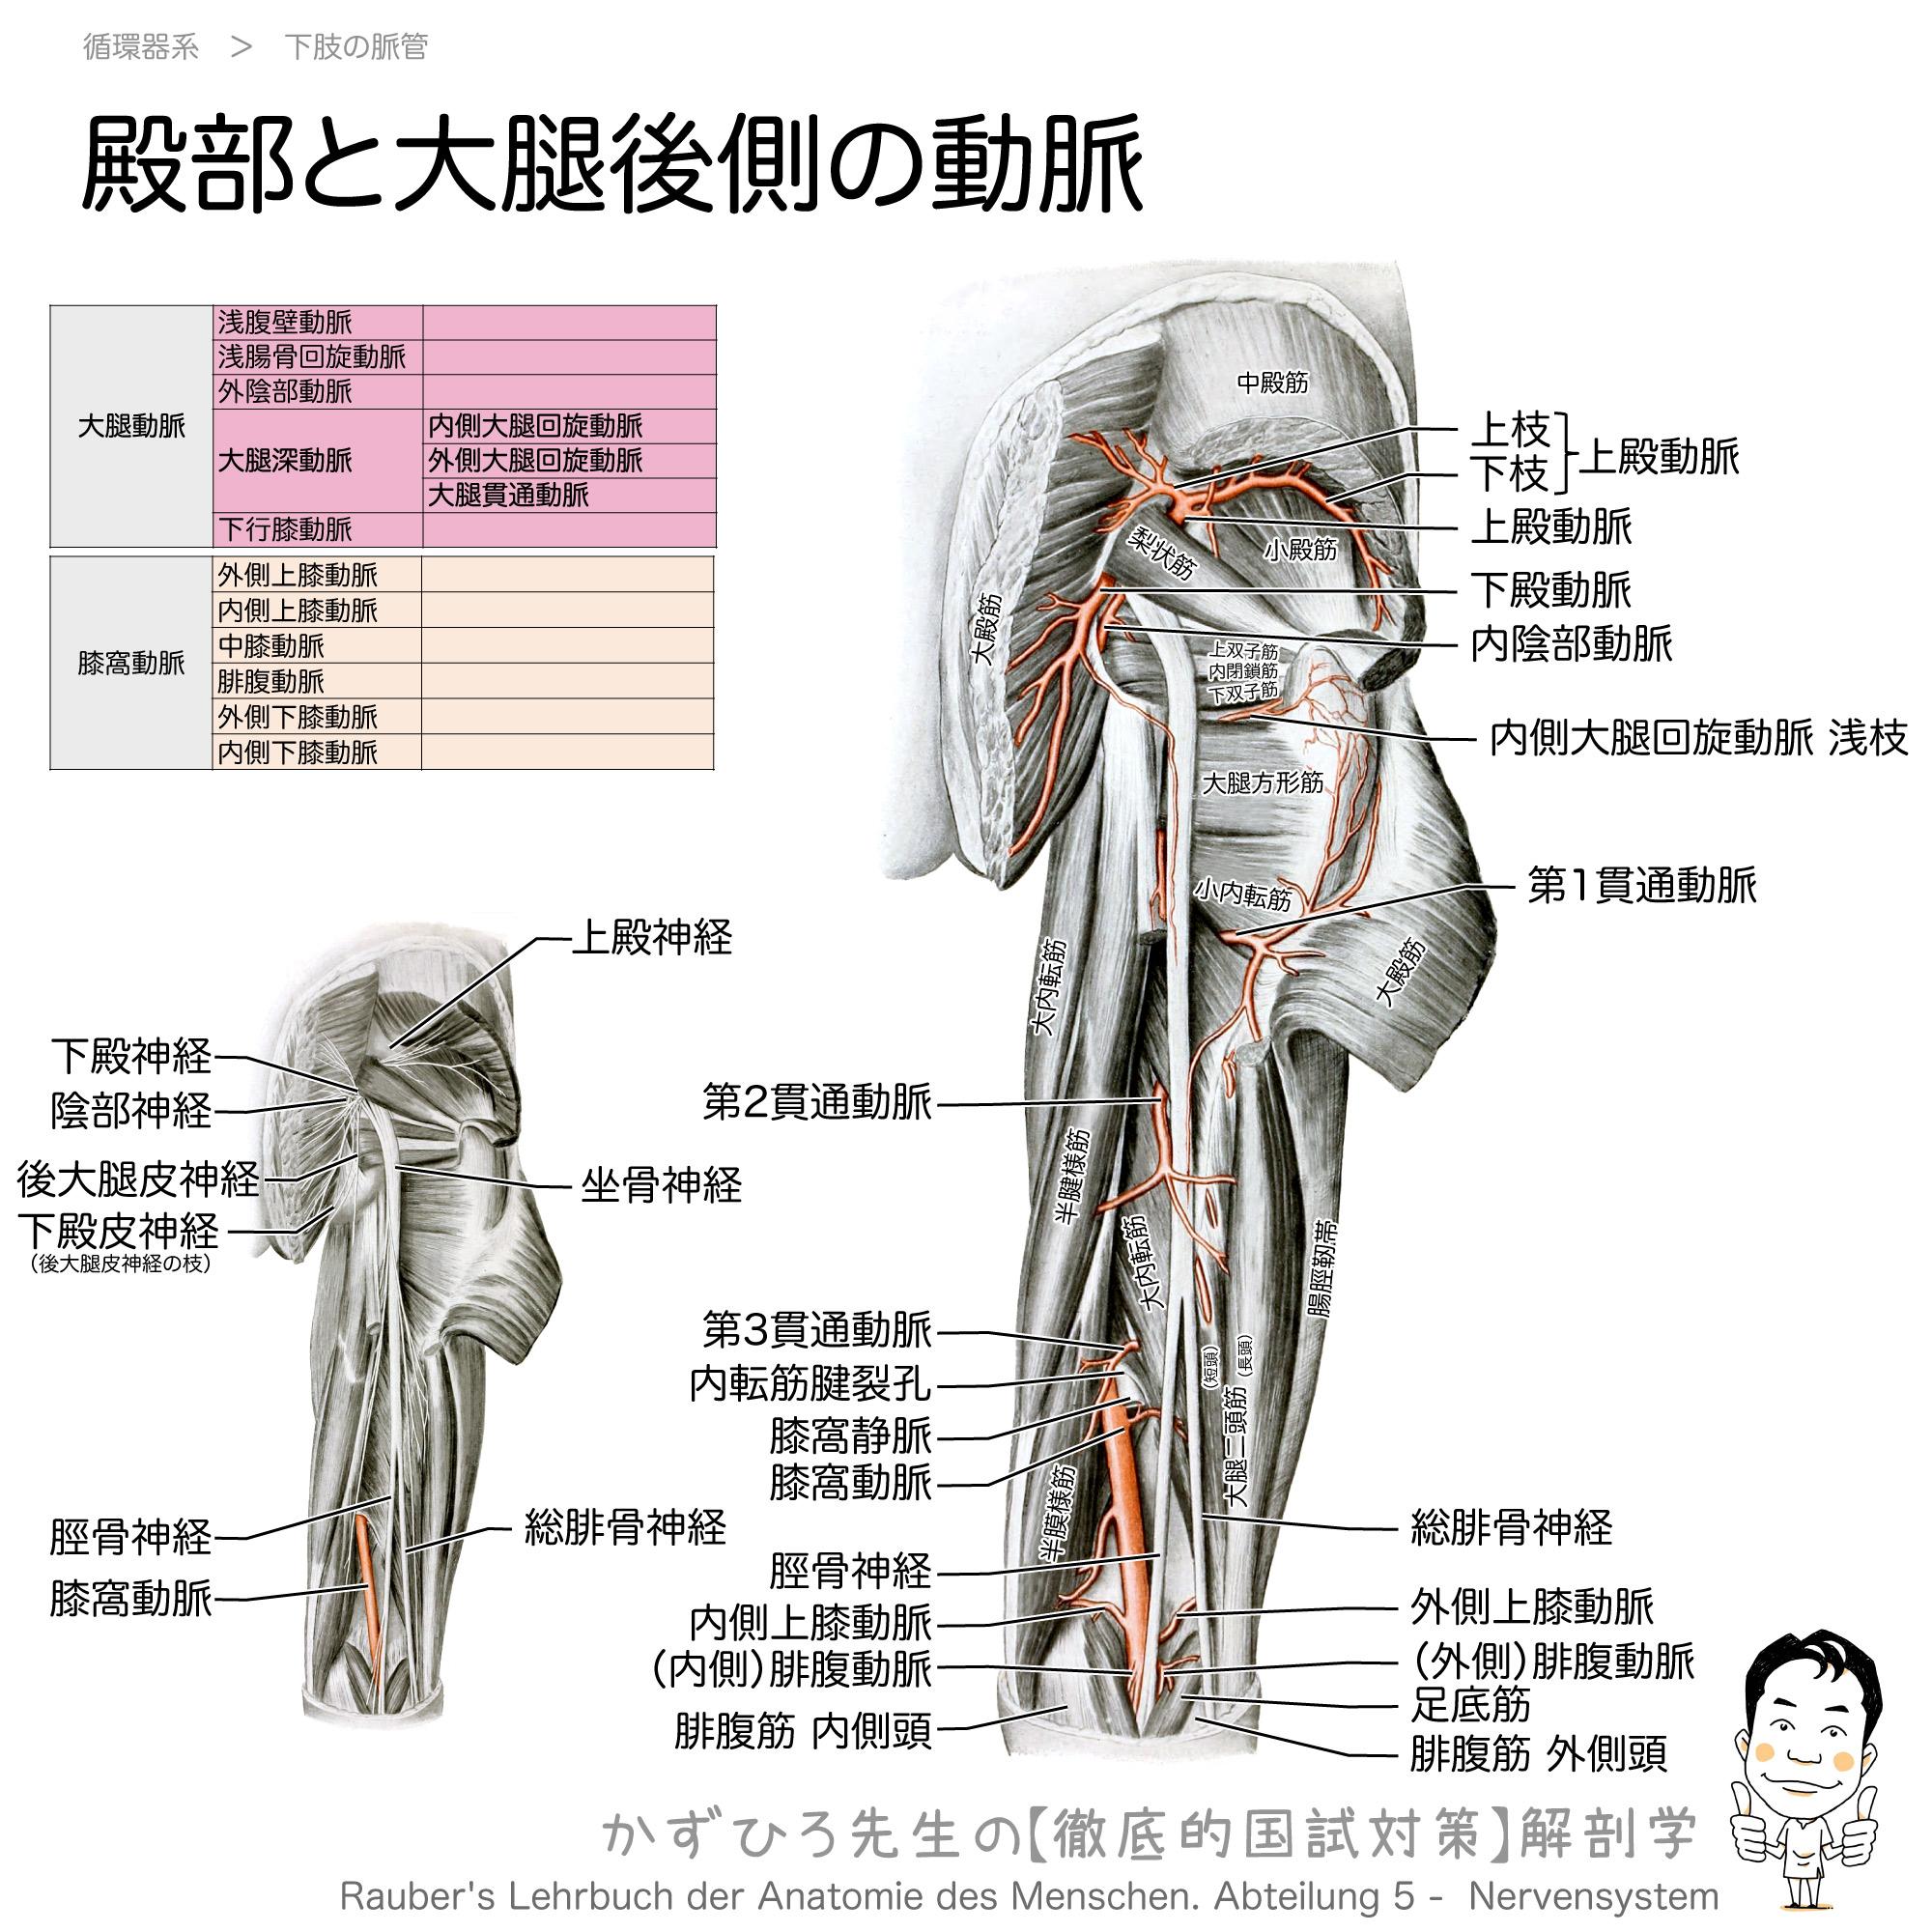 殿部と大腿後側の動脈(上殿動脈, 下殿動脈, 貫通動脈, 内側大腿回旋動脈, 膝窩動脈)